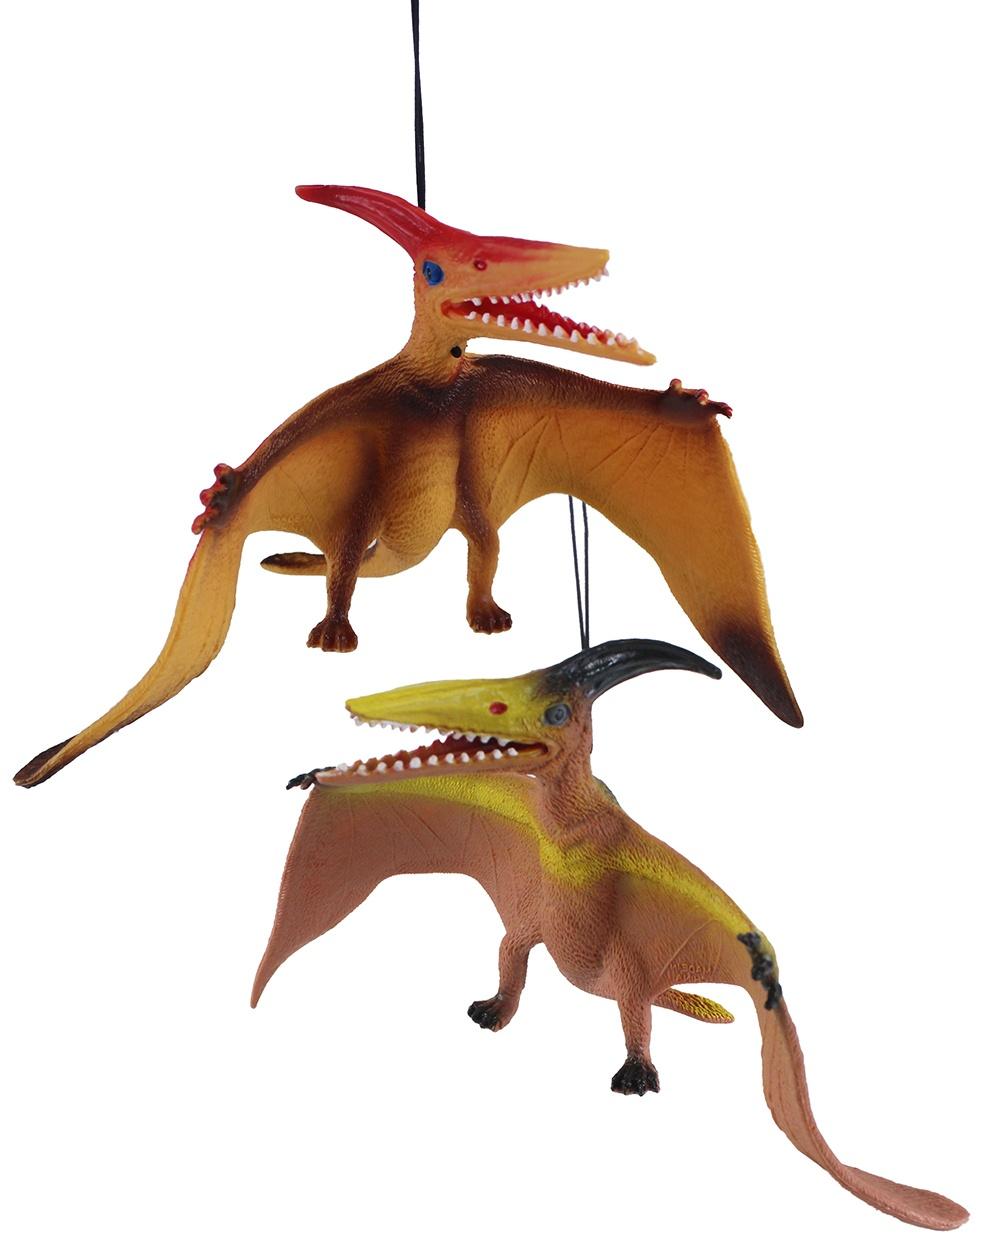 Flugsaurier Pteranodon Dinosaurier 2-farbig sortiert ca 30cm